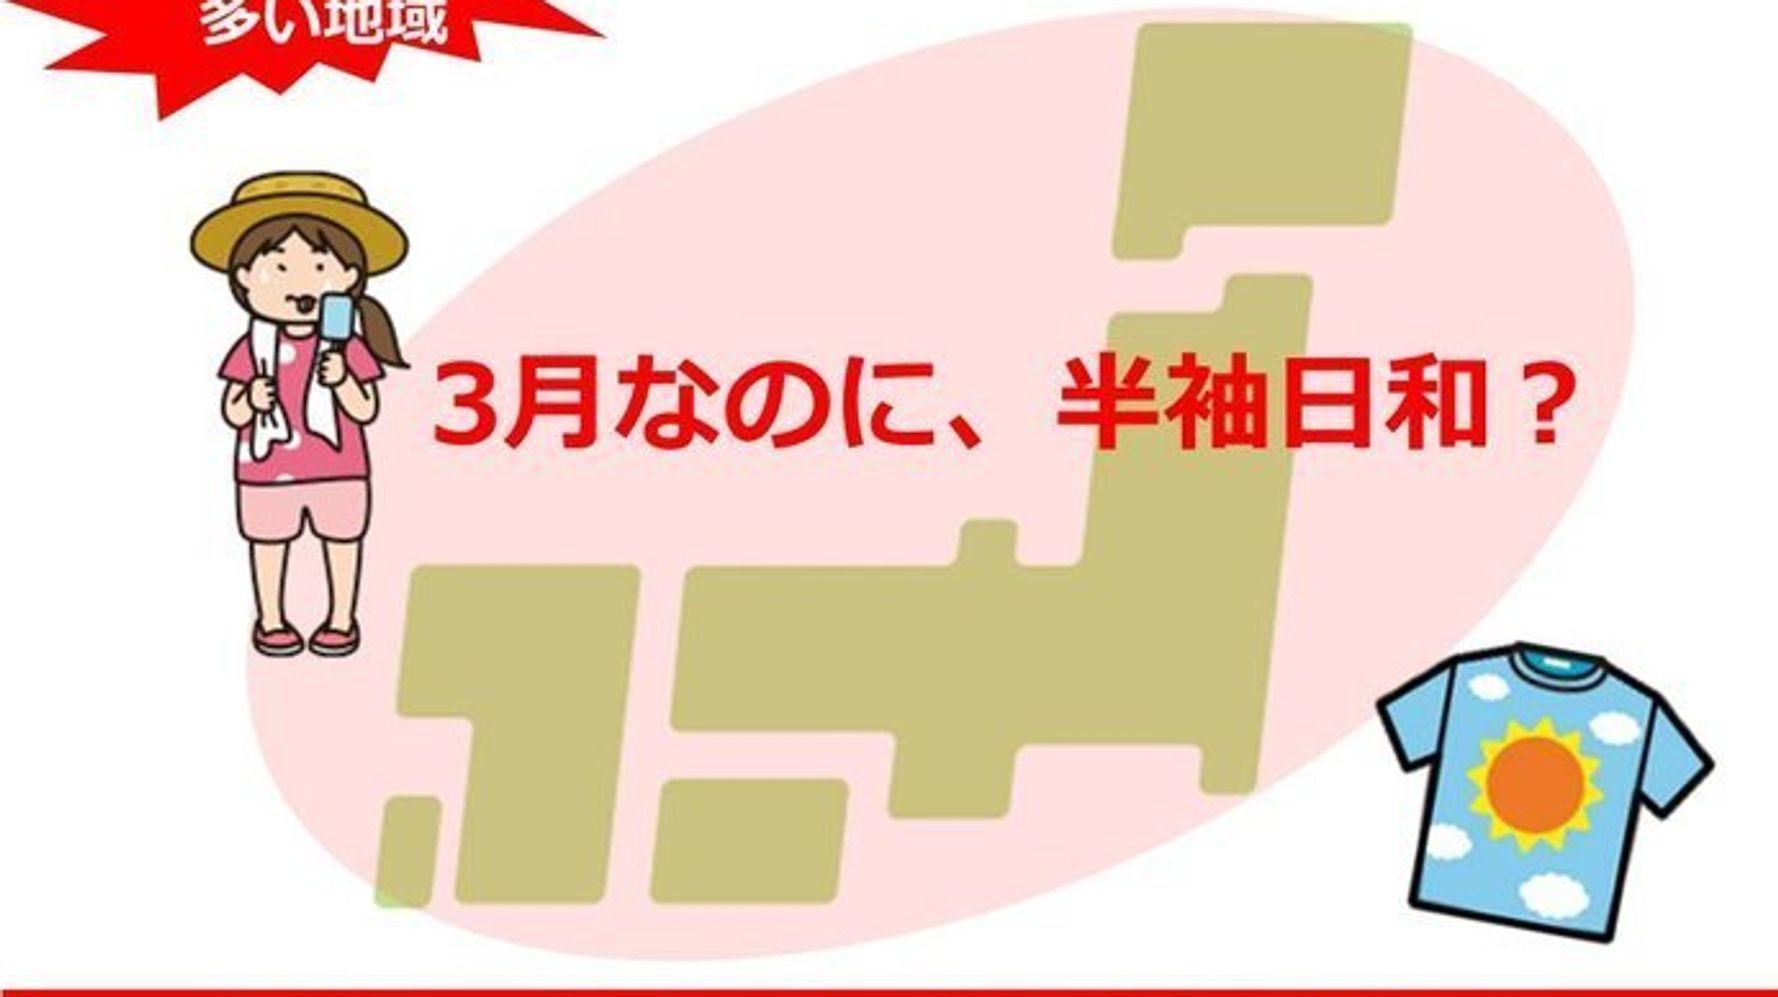 統計 開始 以来 東京 都心 で 2 月 に 夏 日 に なっ た の は 何 回